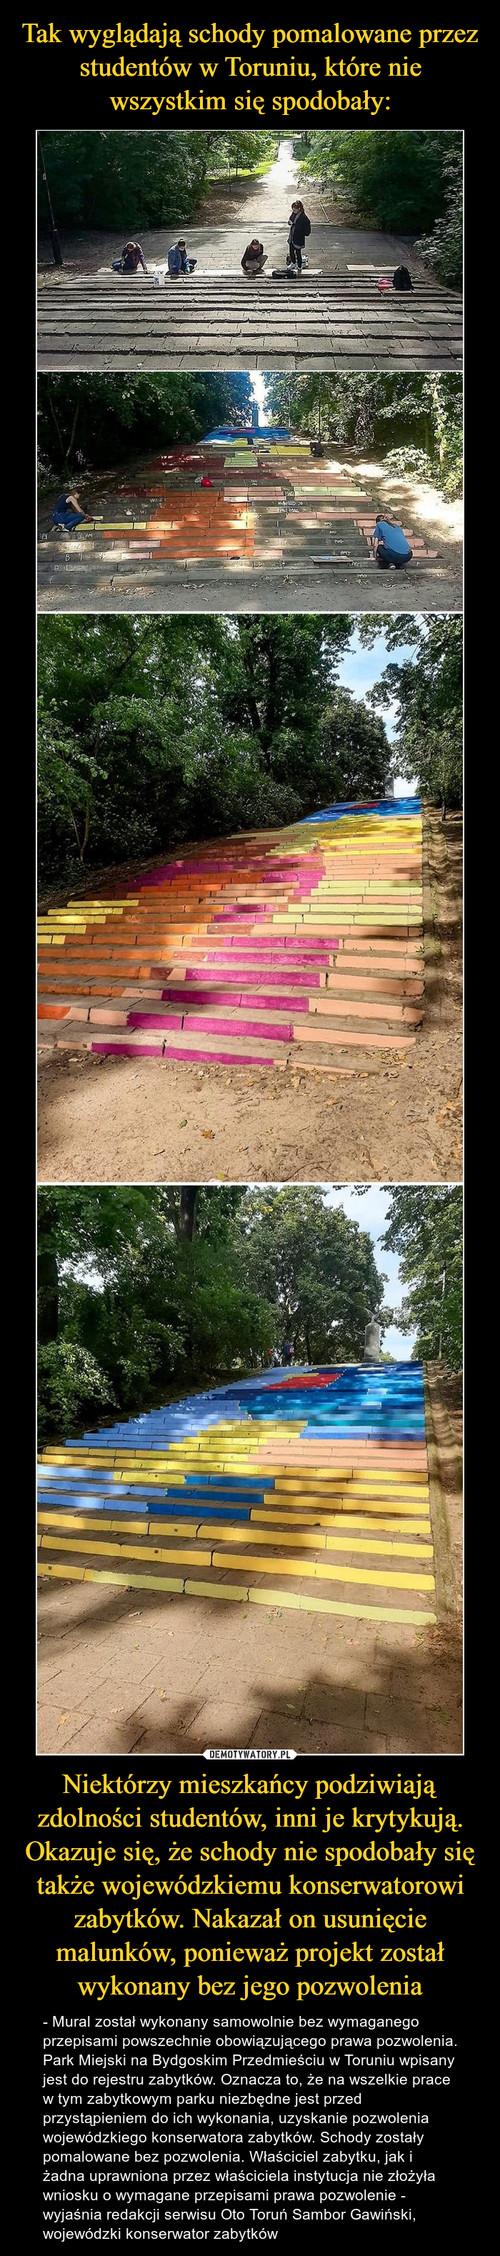 Tak wyglądają schody pomalowane przez studentów w Toruniu, które nie wszystkim się spodobały: Niektórzy mieszkańcy podziwiają zdolności studentów, inni je krytykują. Okazuje się, że schody nie spodobały się także wojewódzkiemu konserwatorowi zabytków. Nakazał on usunięcie malunków, ponieważ projekt został wykonany bez jego pozwolenia